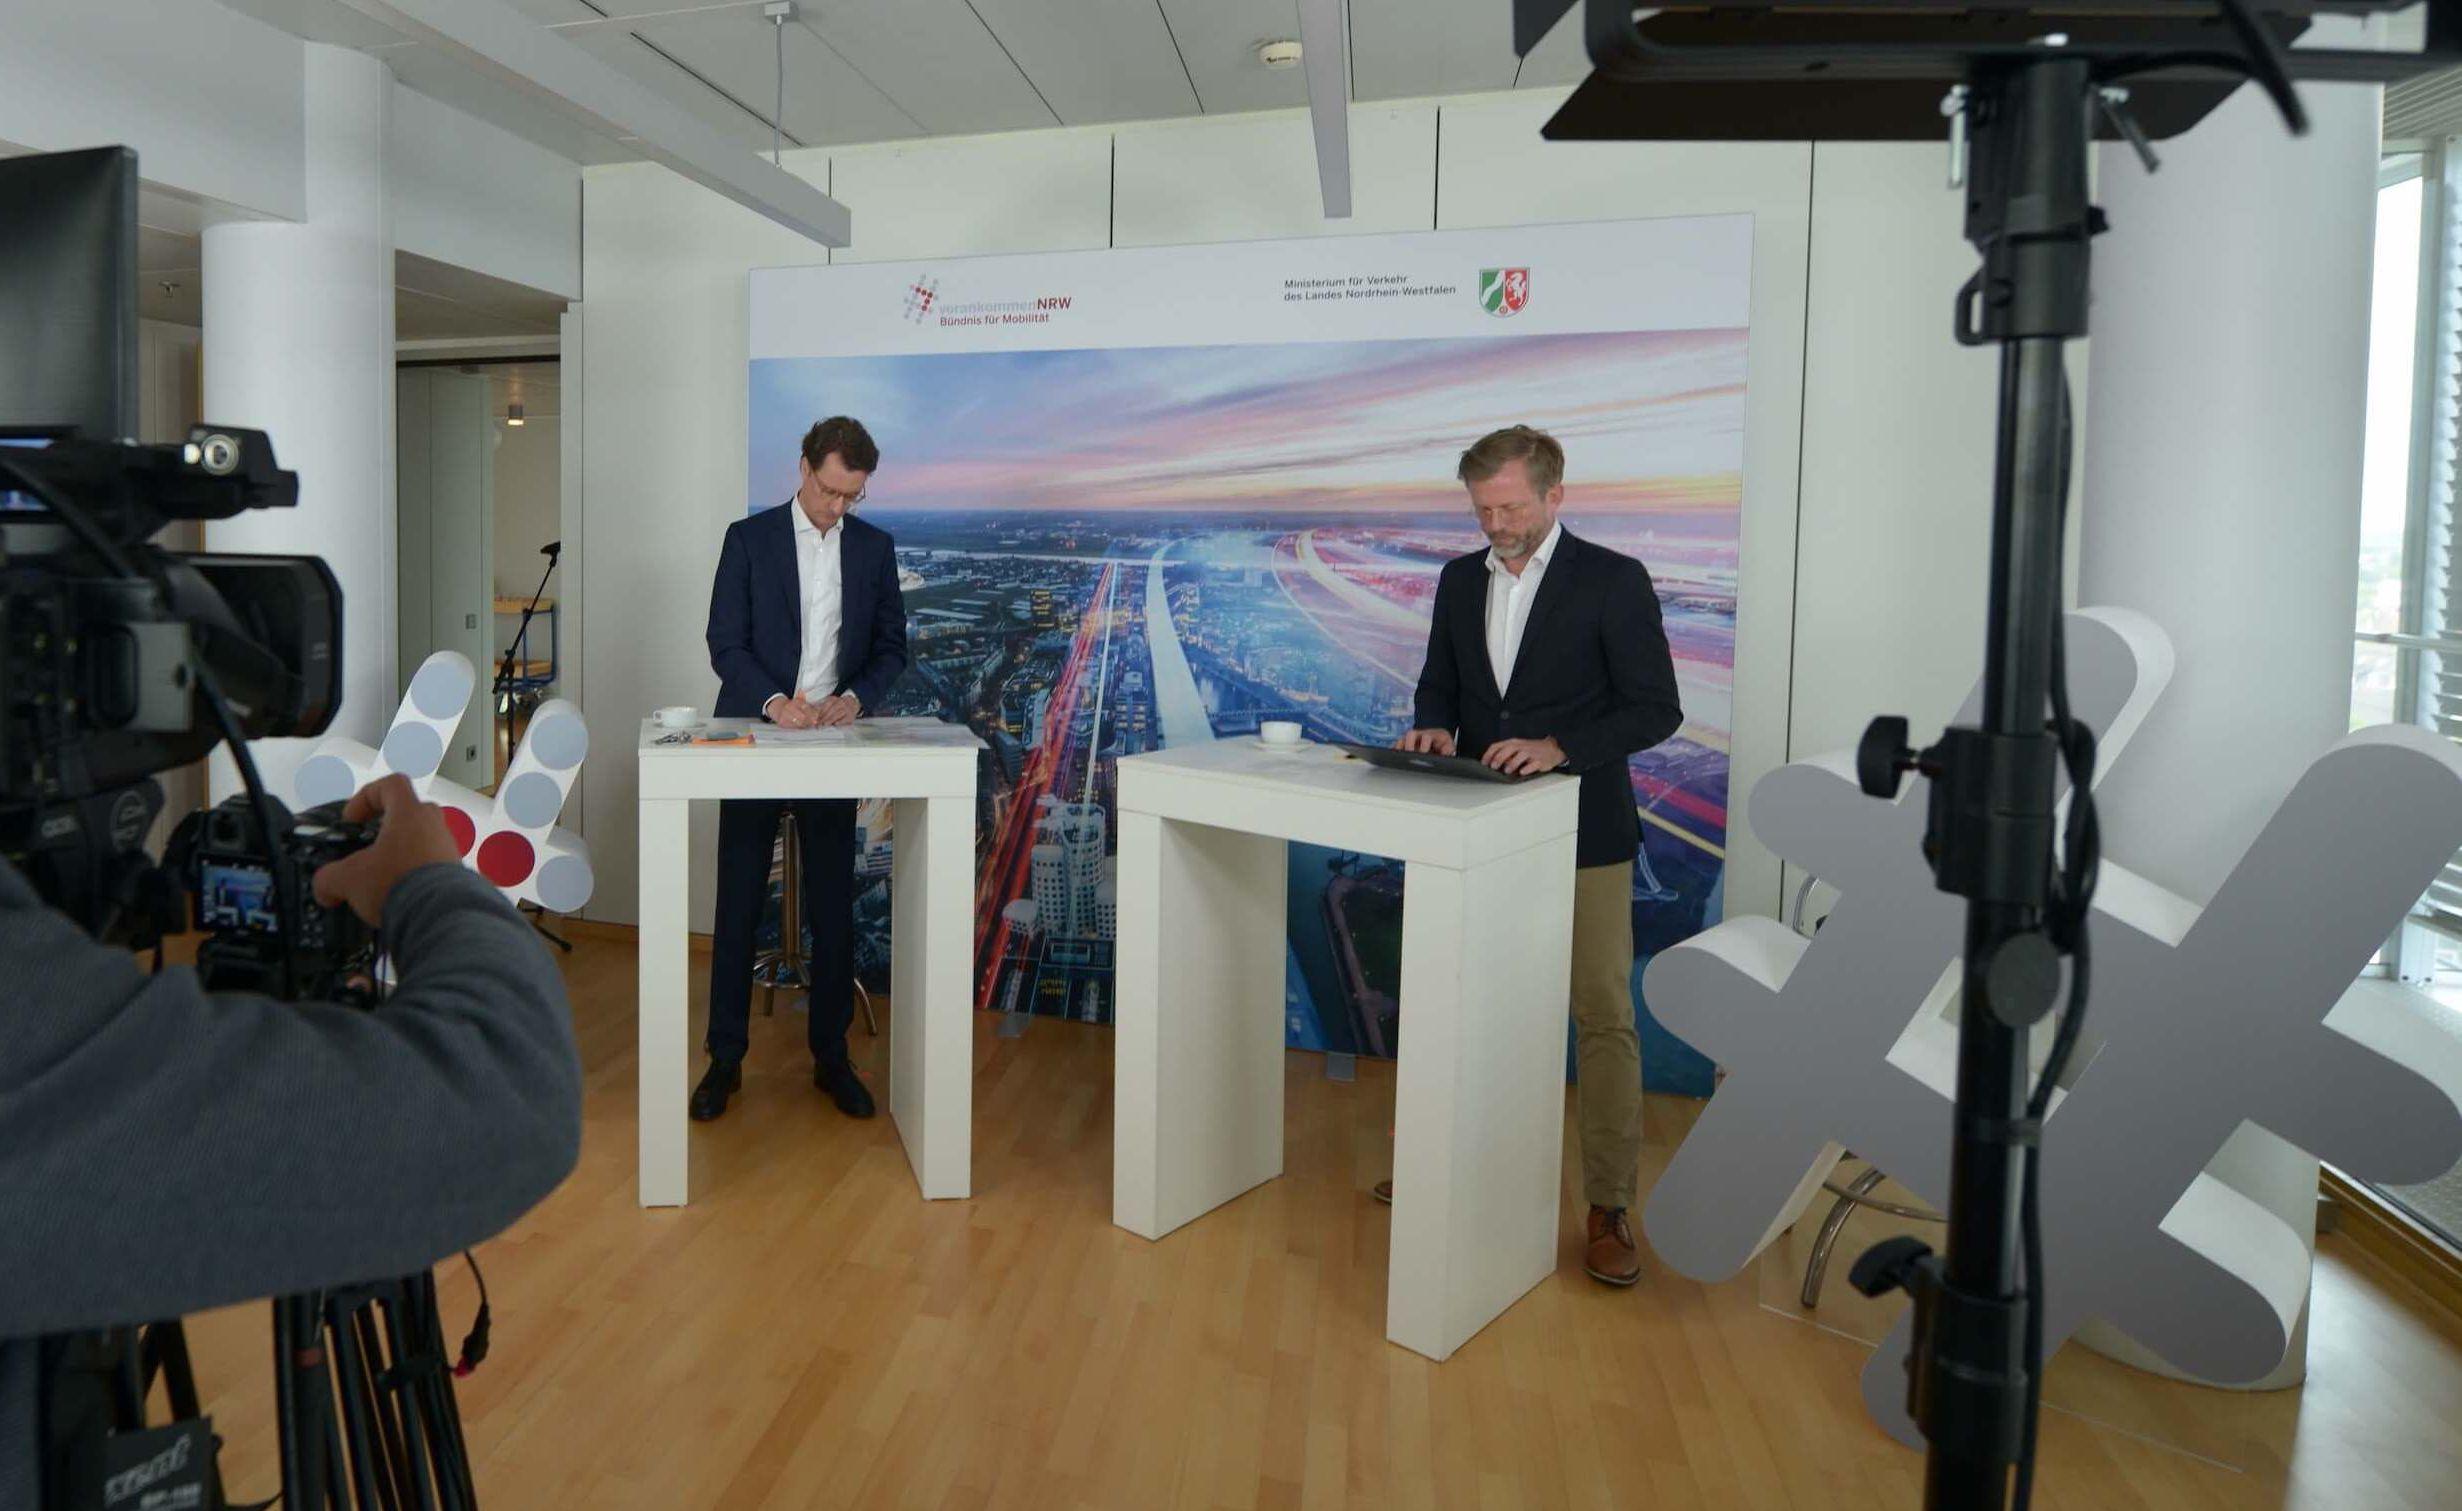 TV-Studio mit zwei Männern, die an zwei Pulten stehen und einem Kameramann.